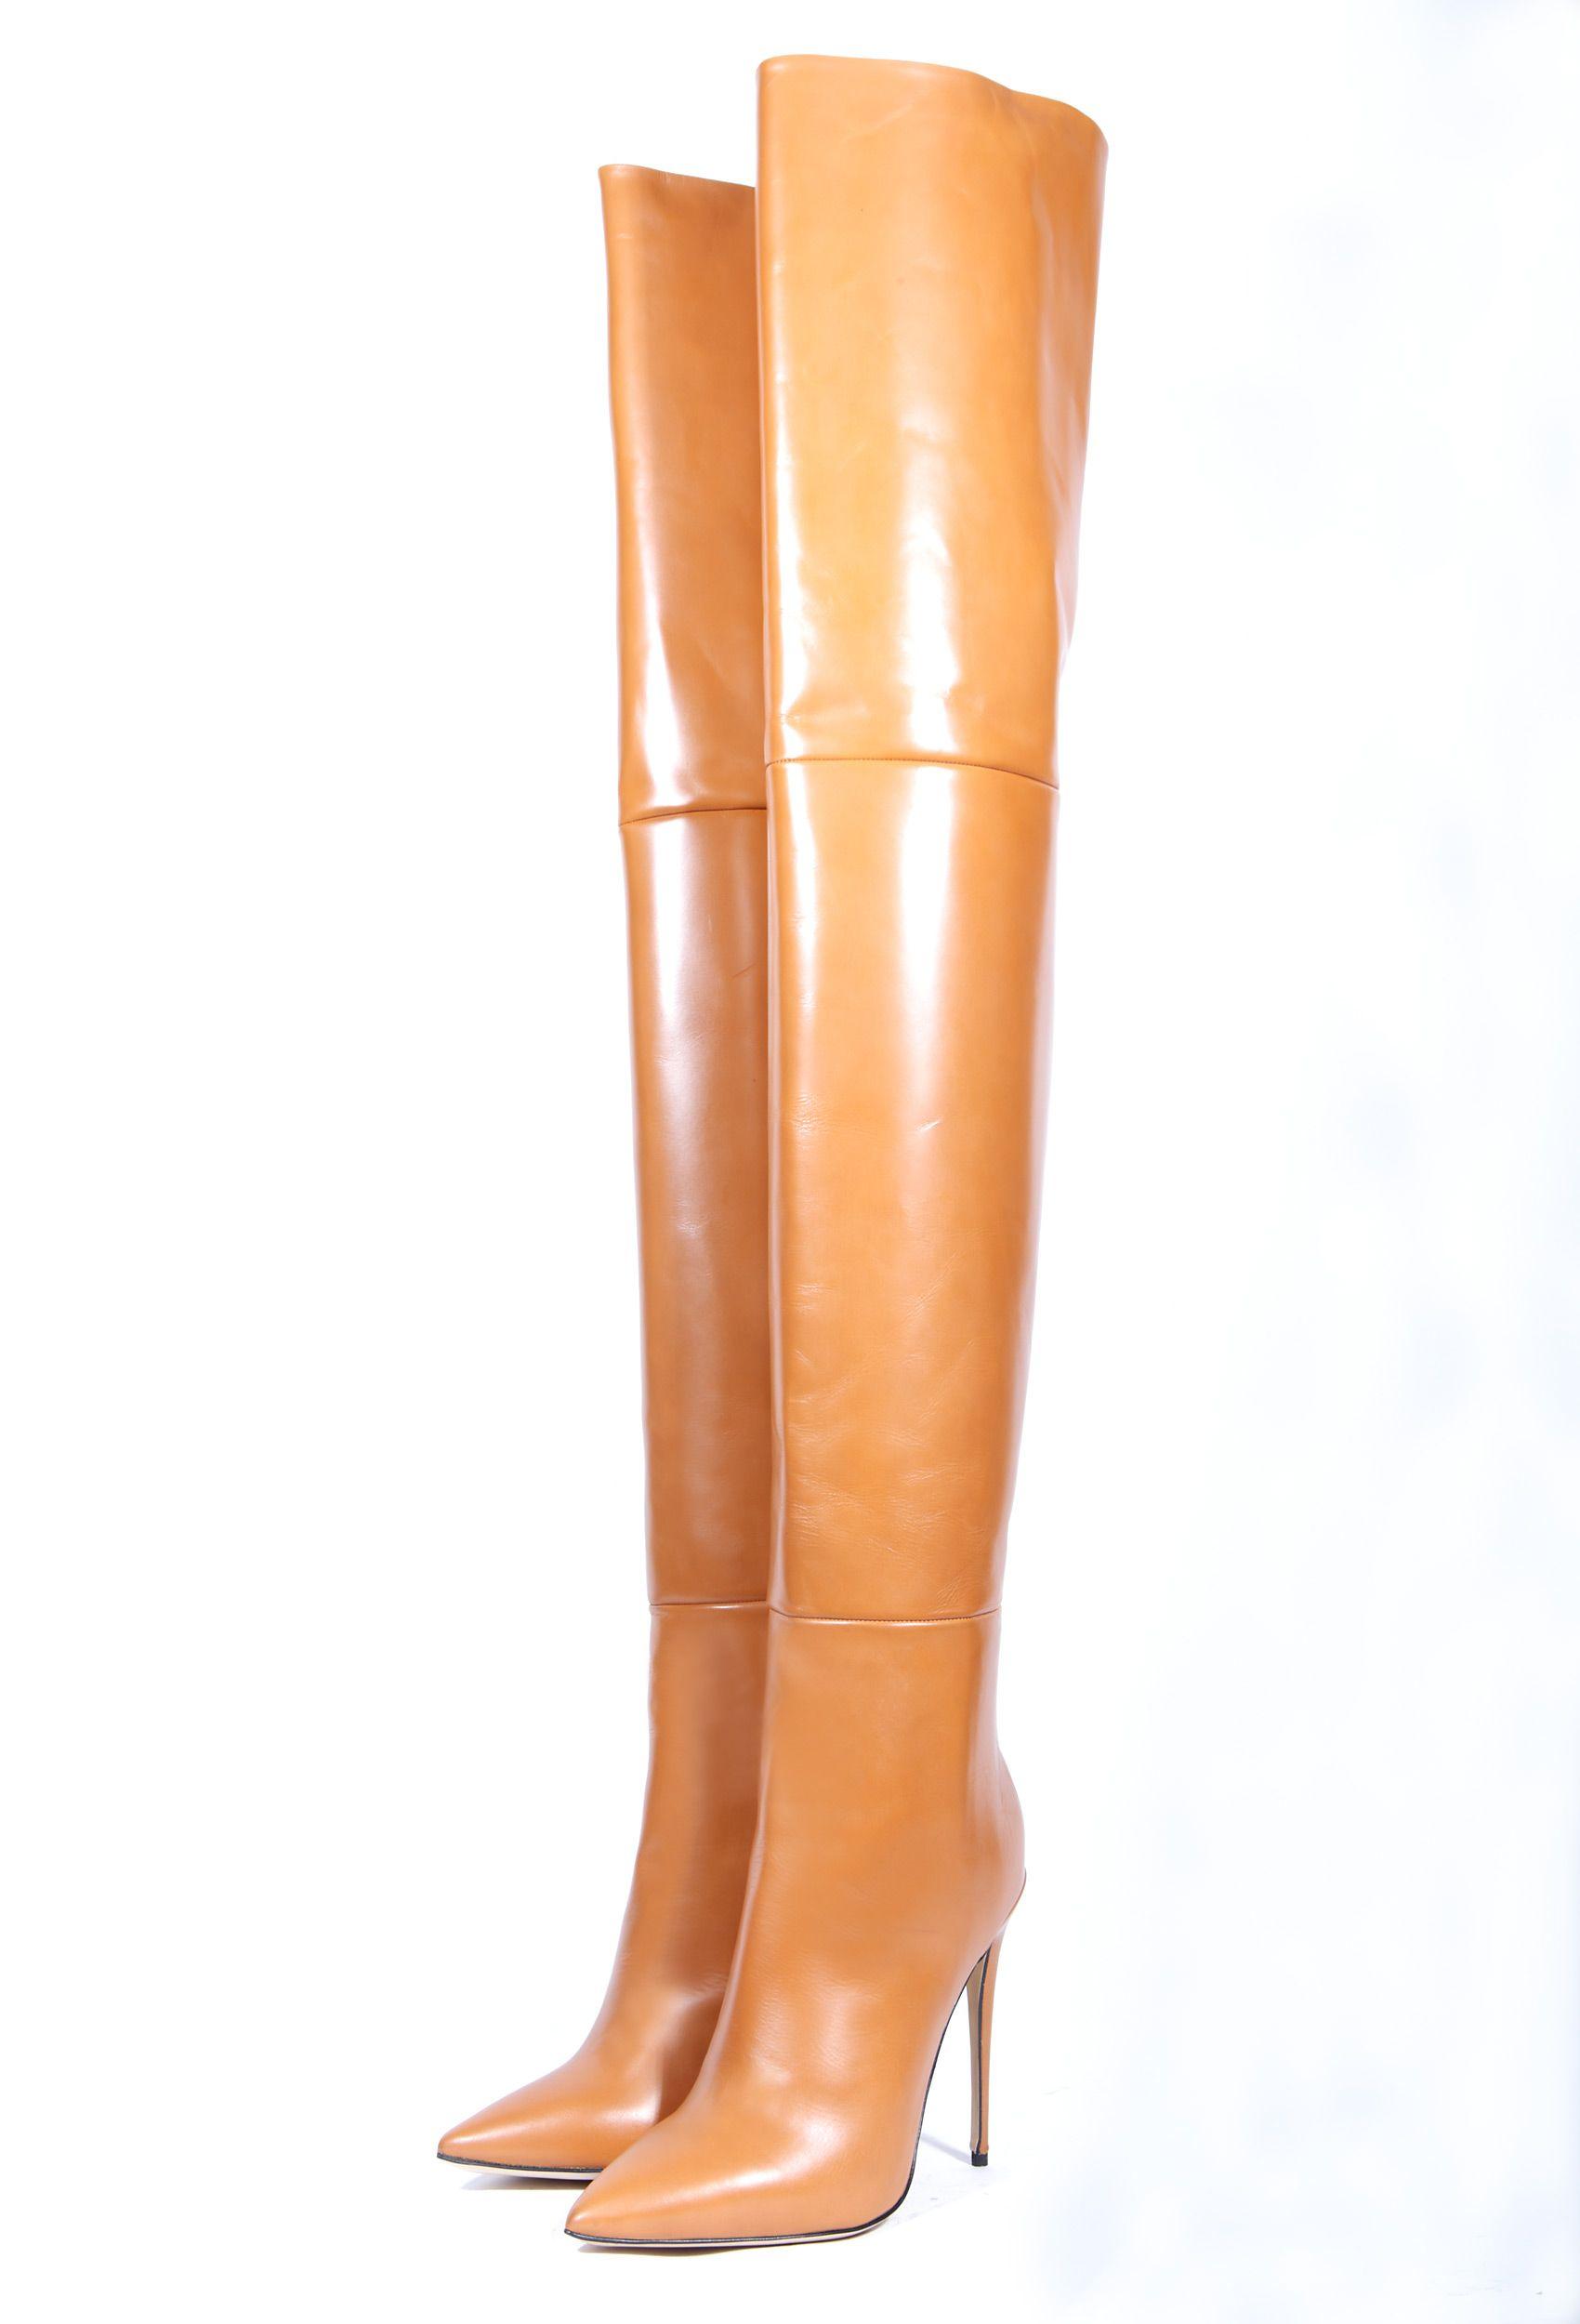 ALINA70 tan | Overknees in 2019 | Oberschenkel hohe stiefel